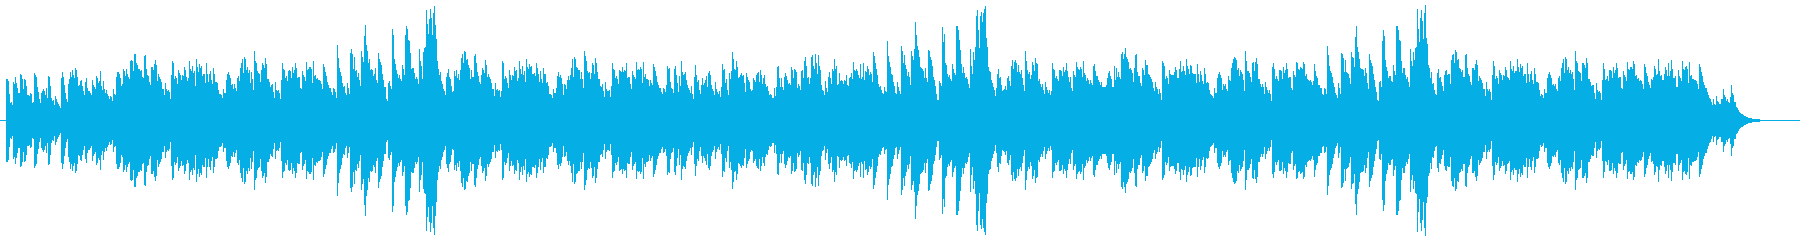 ポップでキャッチ―なオルゴール風サウンドの再生済みの波形